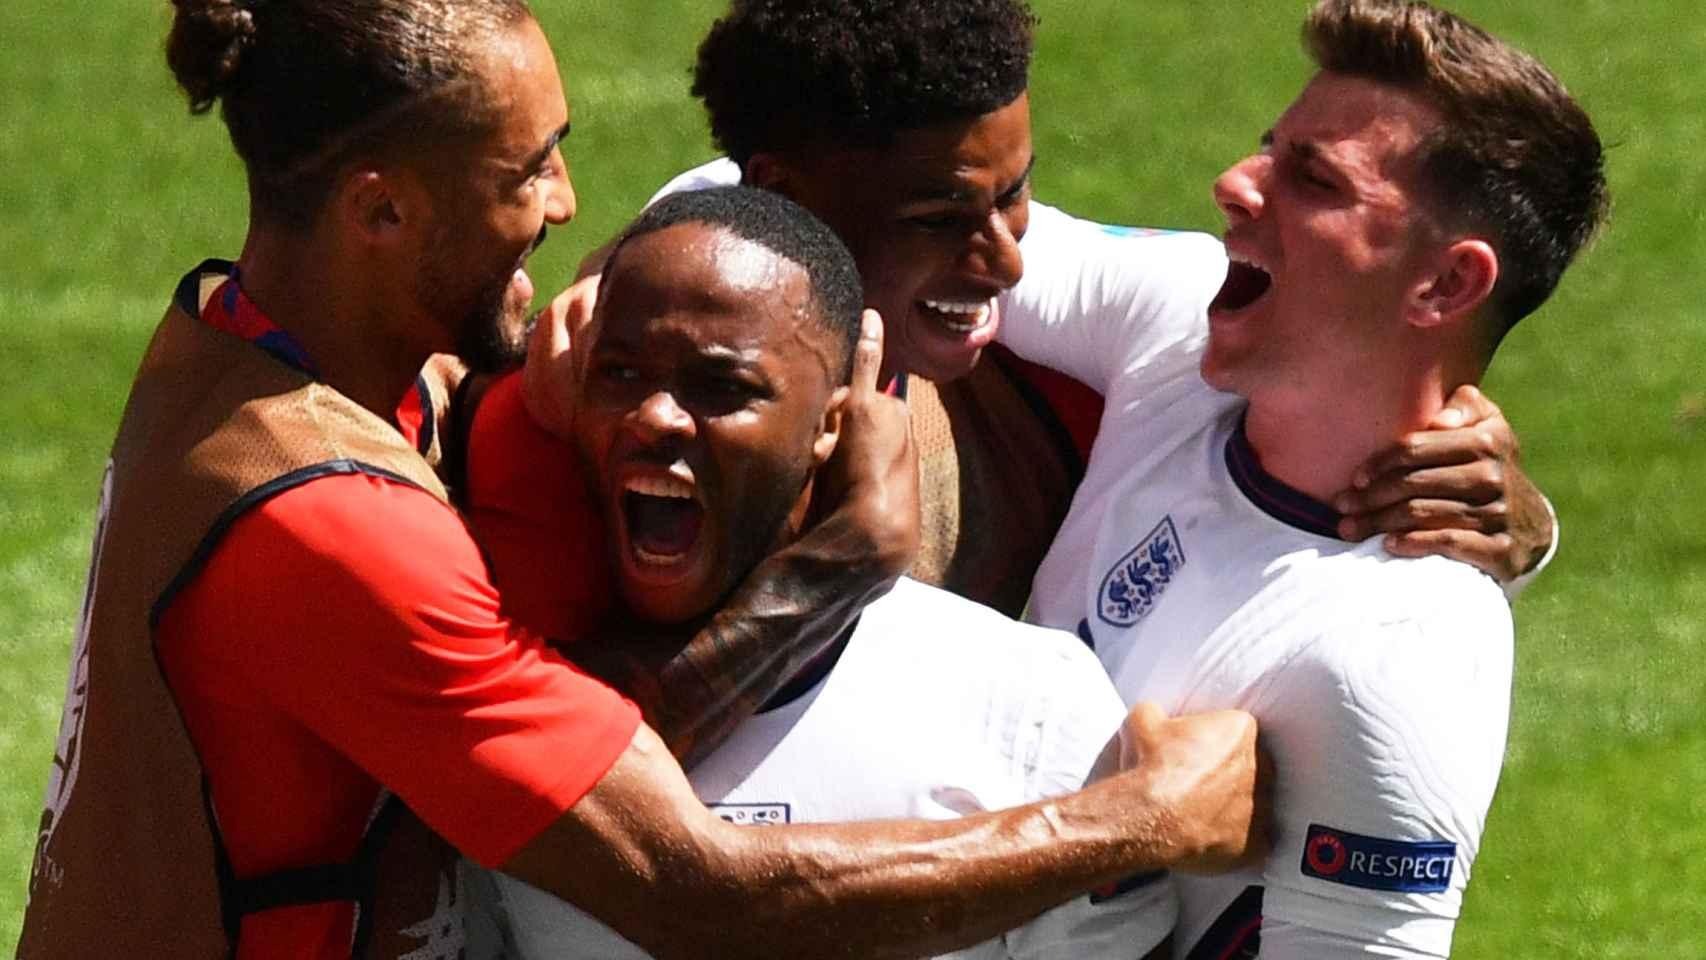 Inglaterra cumple con un gol de Sterling ante Croacia y sigue el paso de los favoritos a la Eurocopa